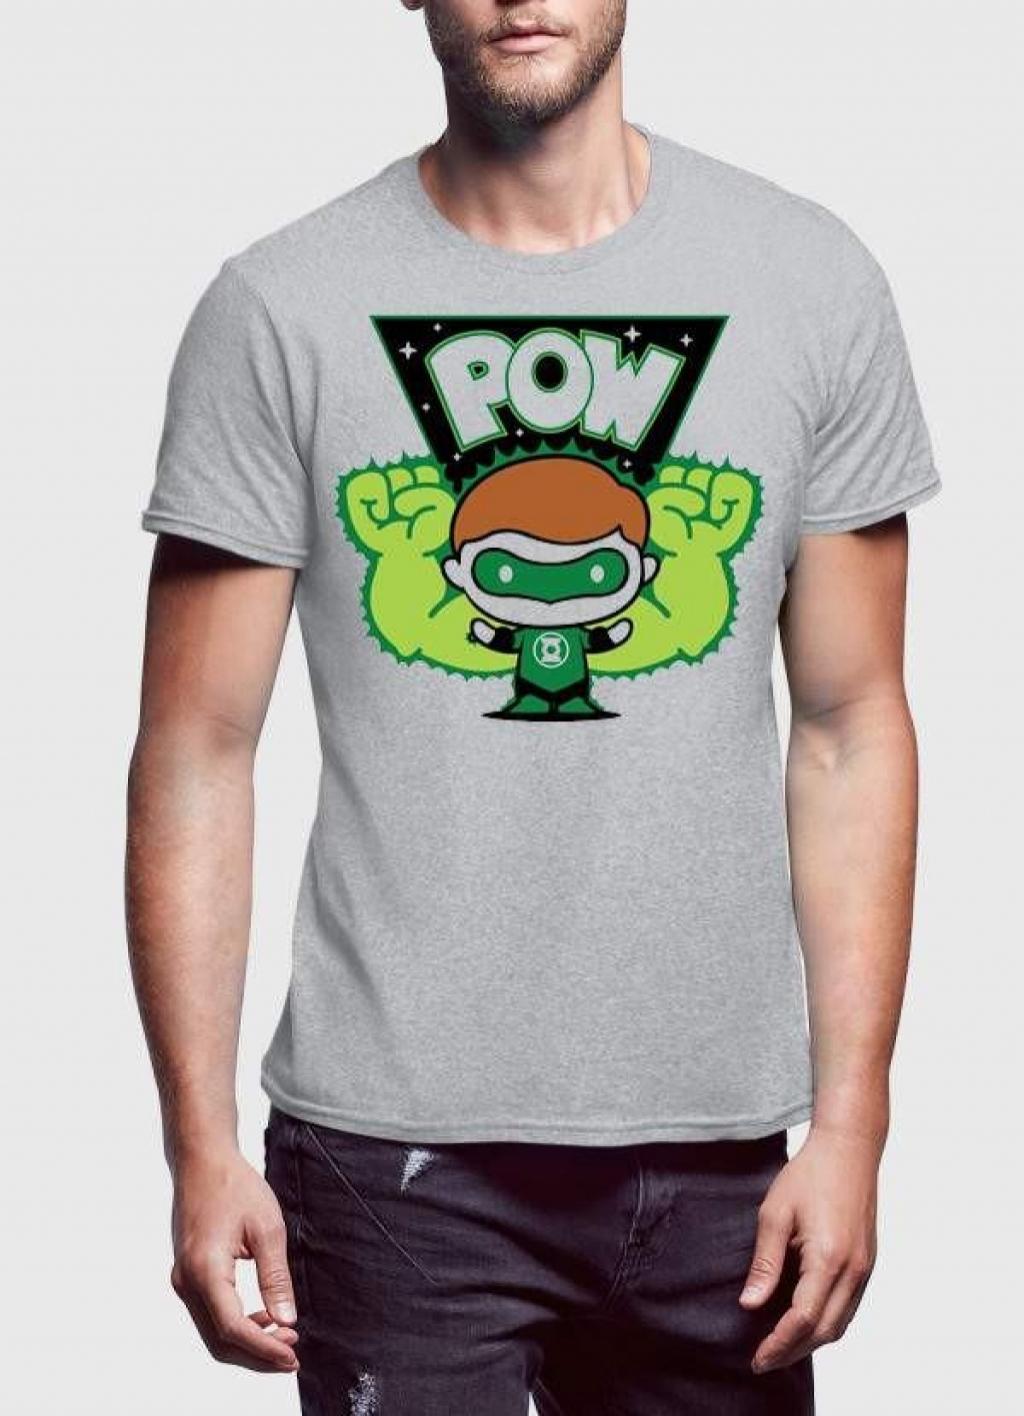 14992618140_Affordable_POW_DC_COMIC_t-shirt__(2).jpg